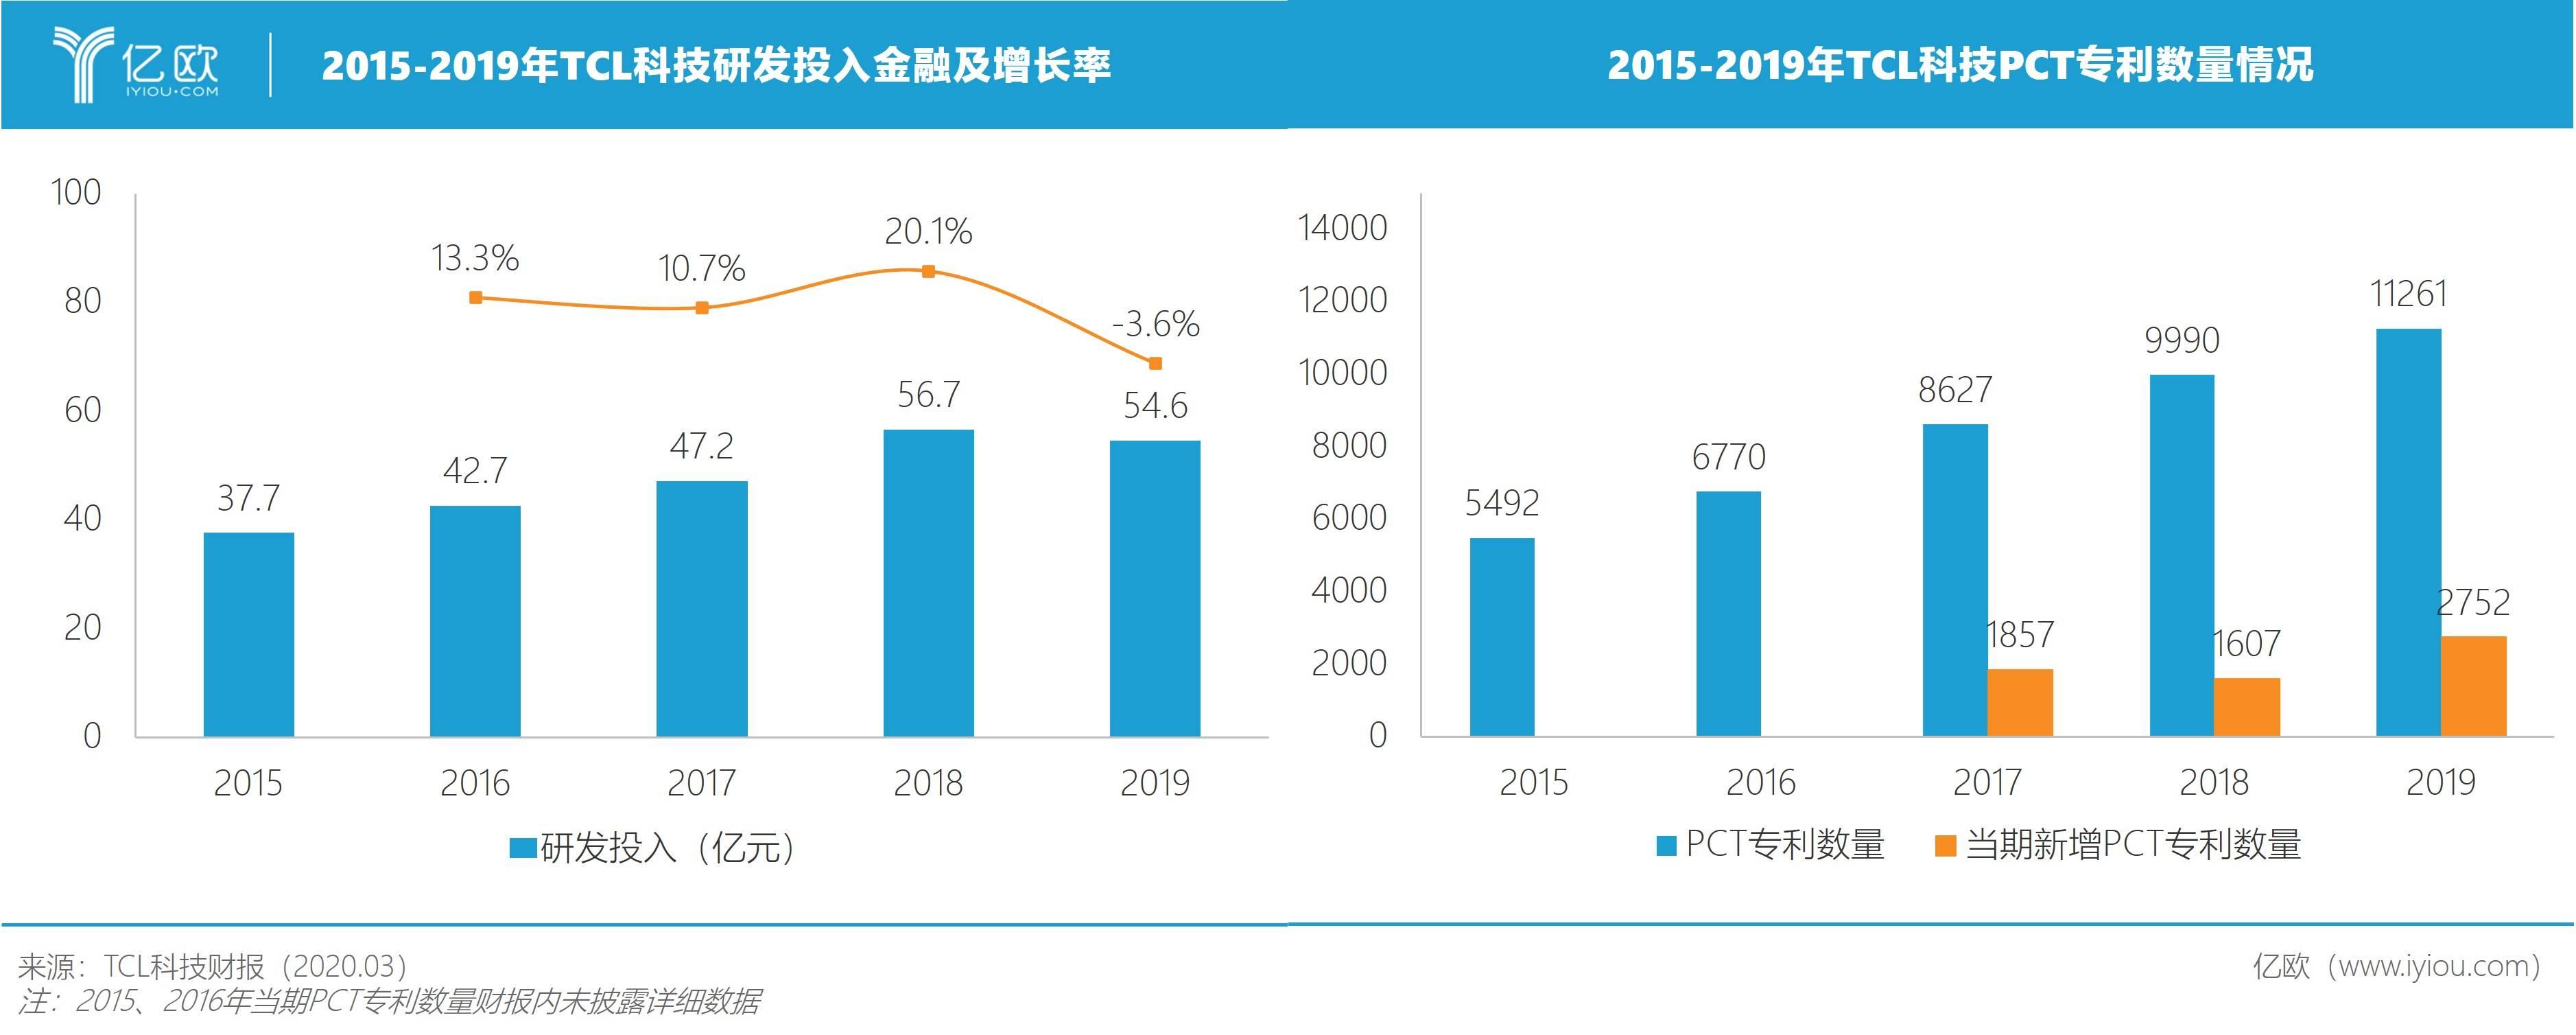 TCL科技研发投入及PCT专利数目